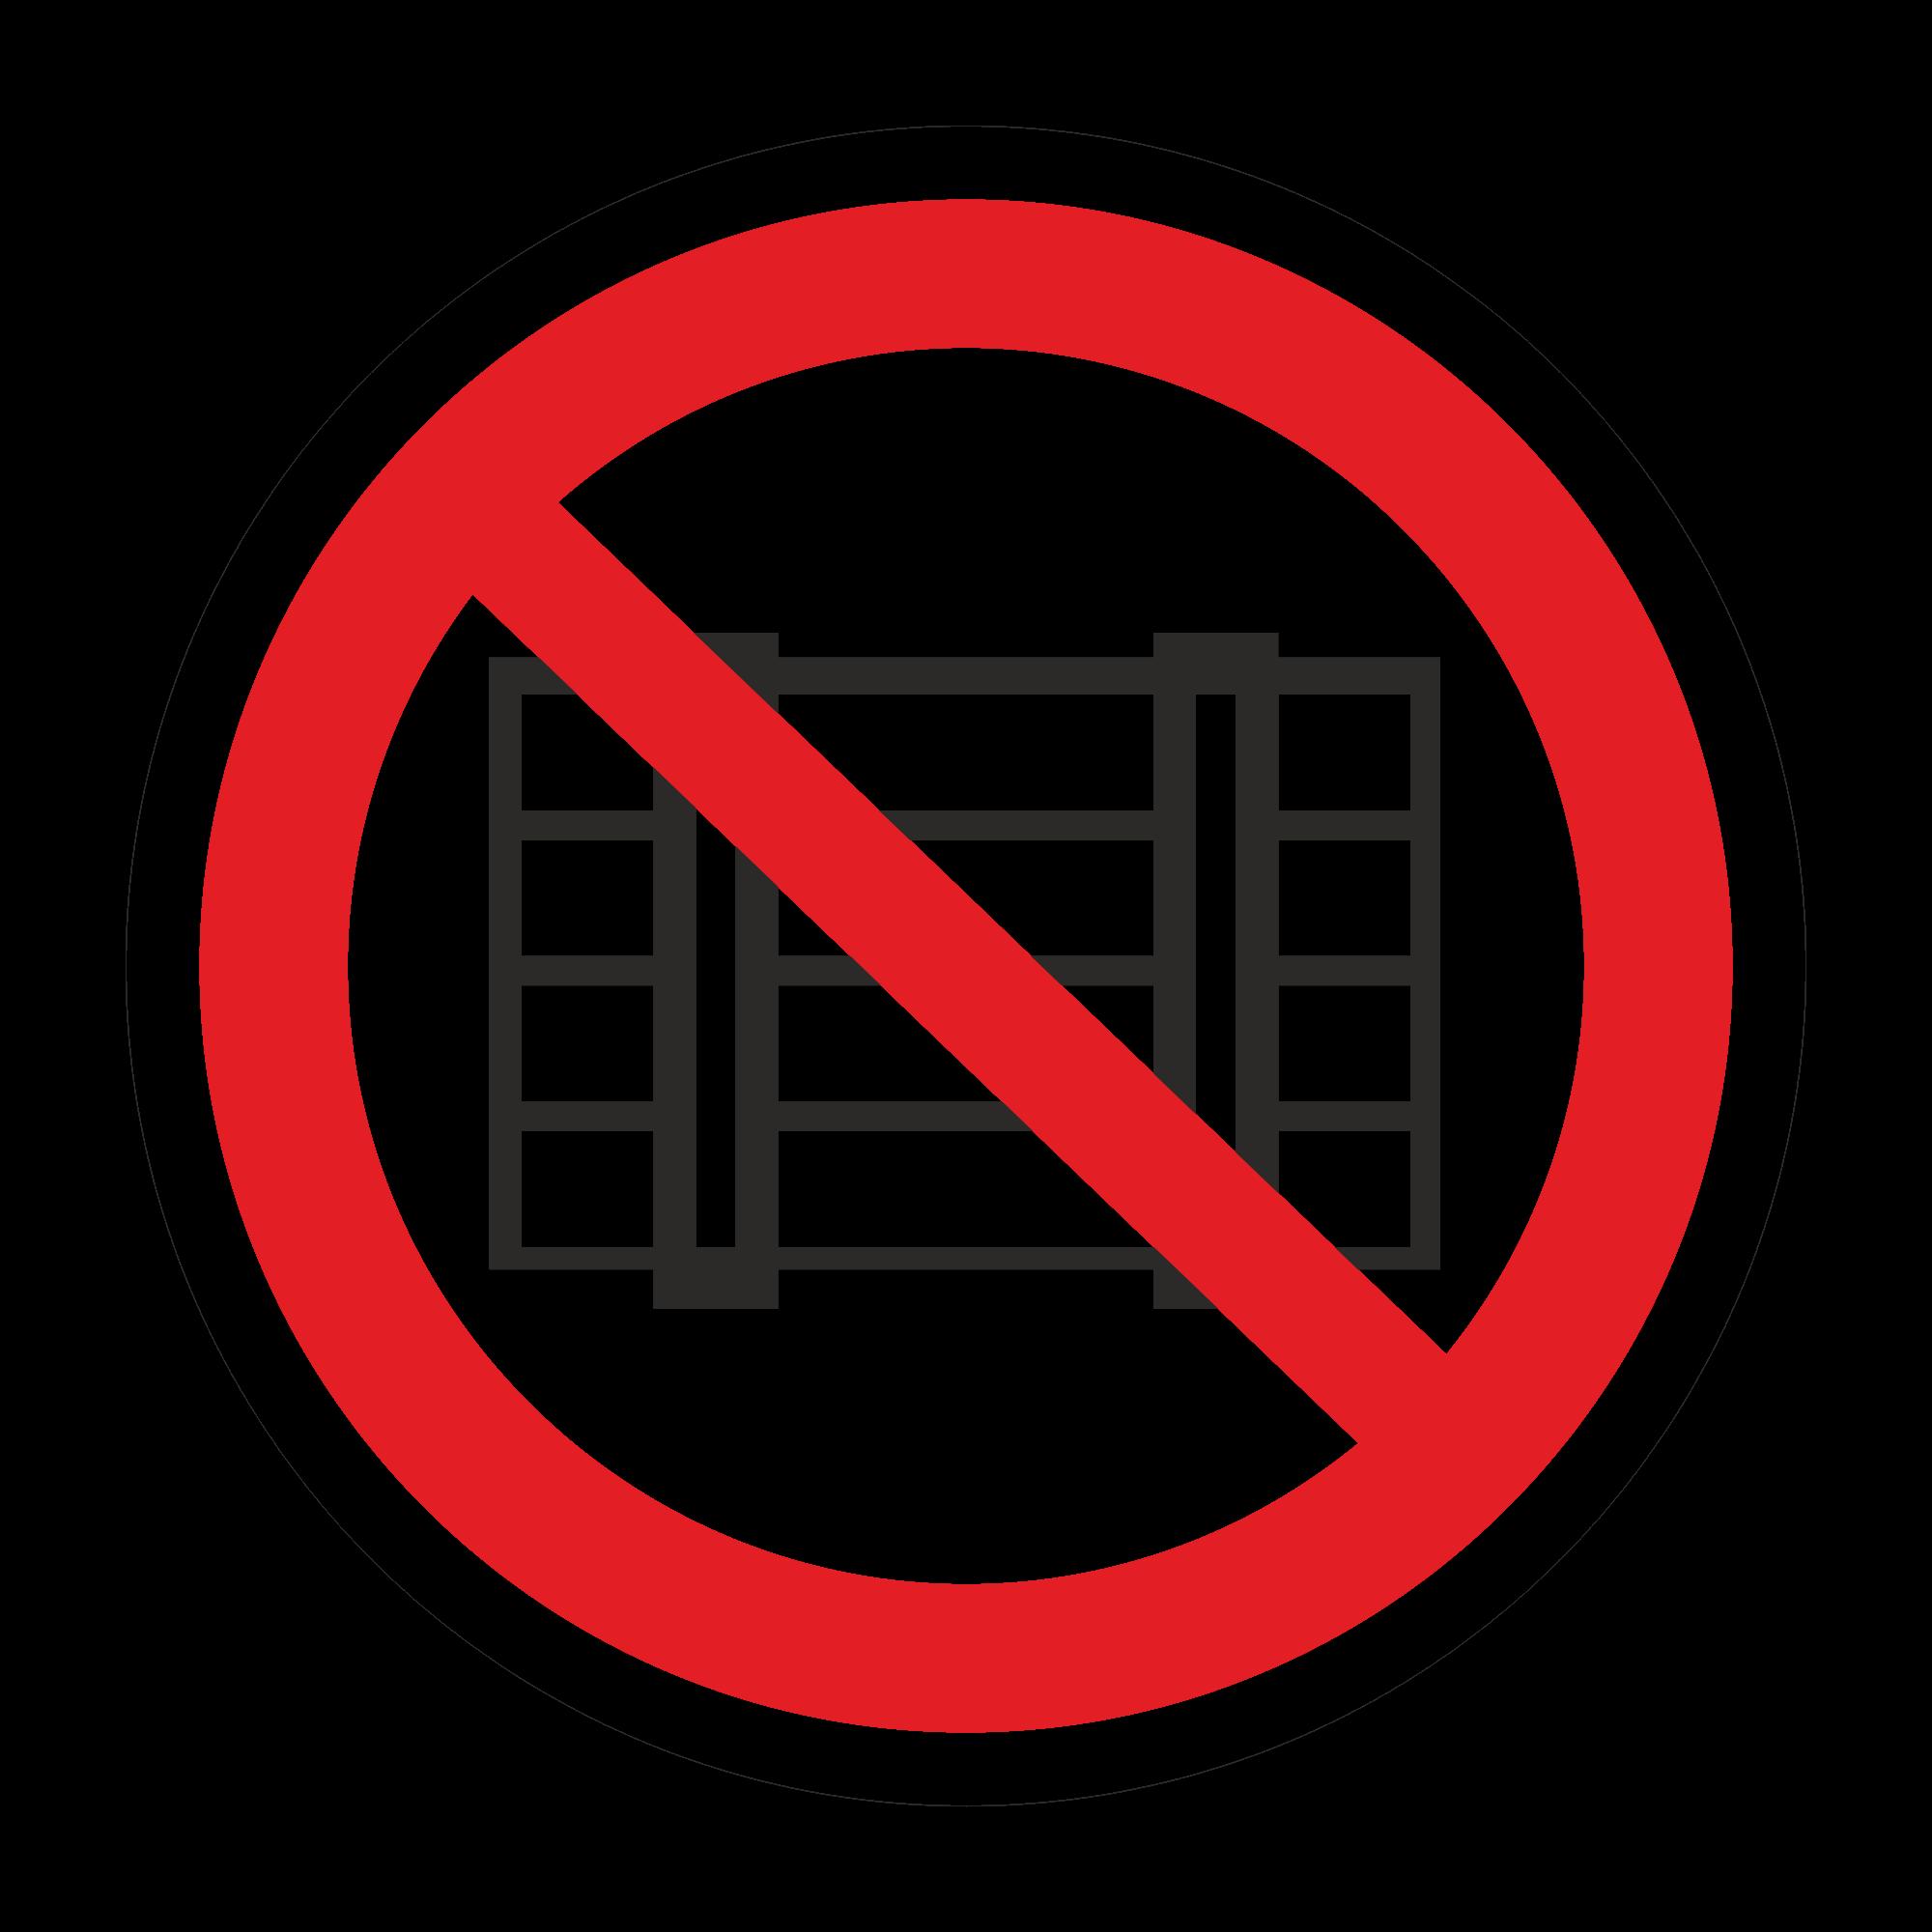 Р12 Запрещается загромождать проходы и/или складировать